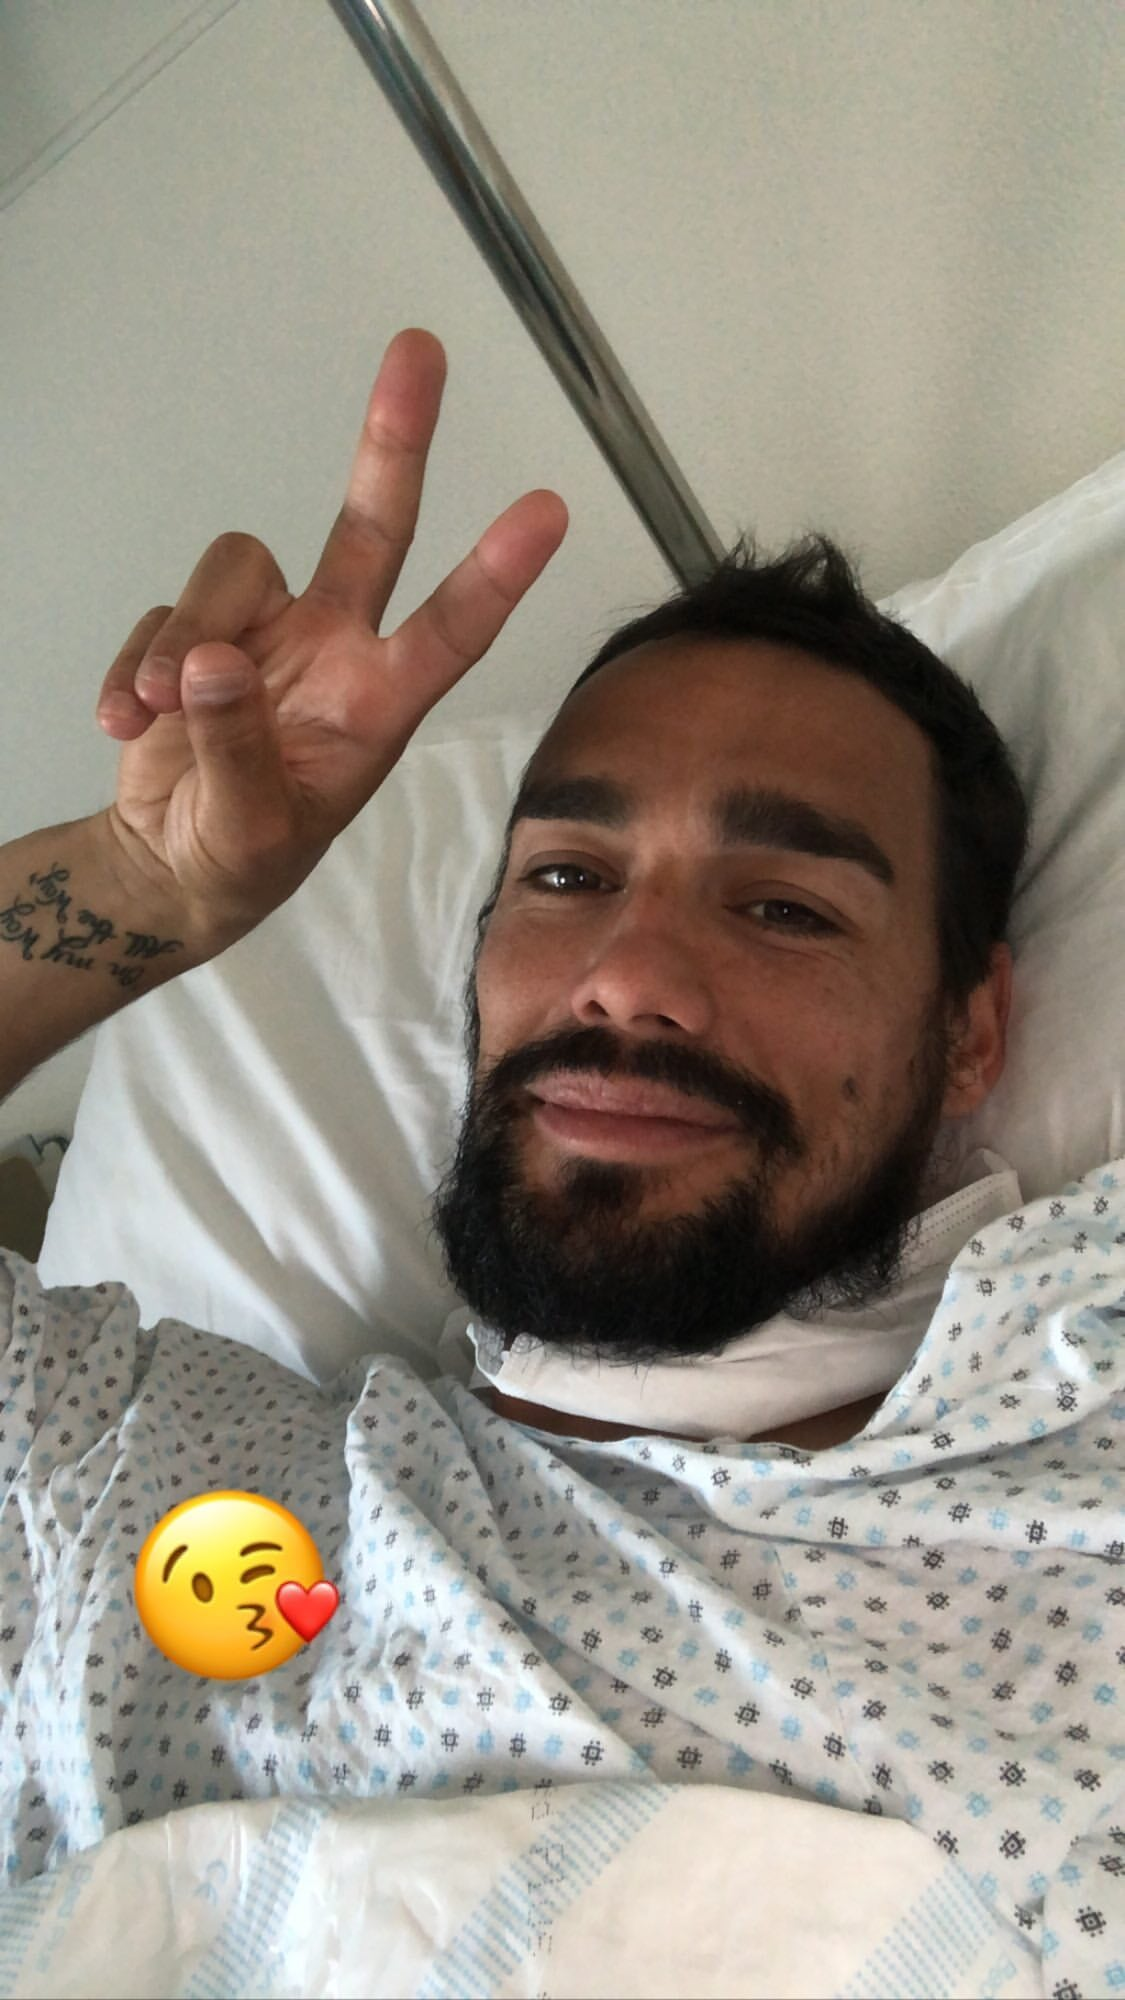 Фабіо Фоньїні після операції: Все в порядку, дякую за ваші повідомлення - изображение 1